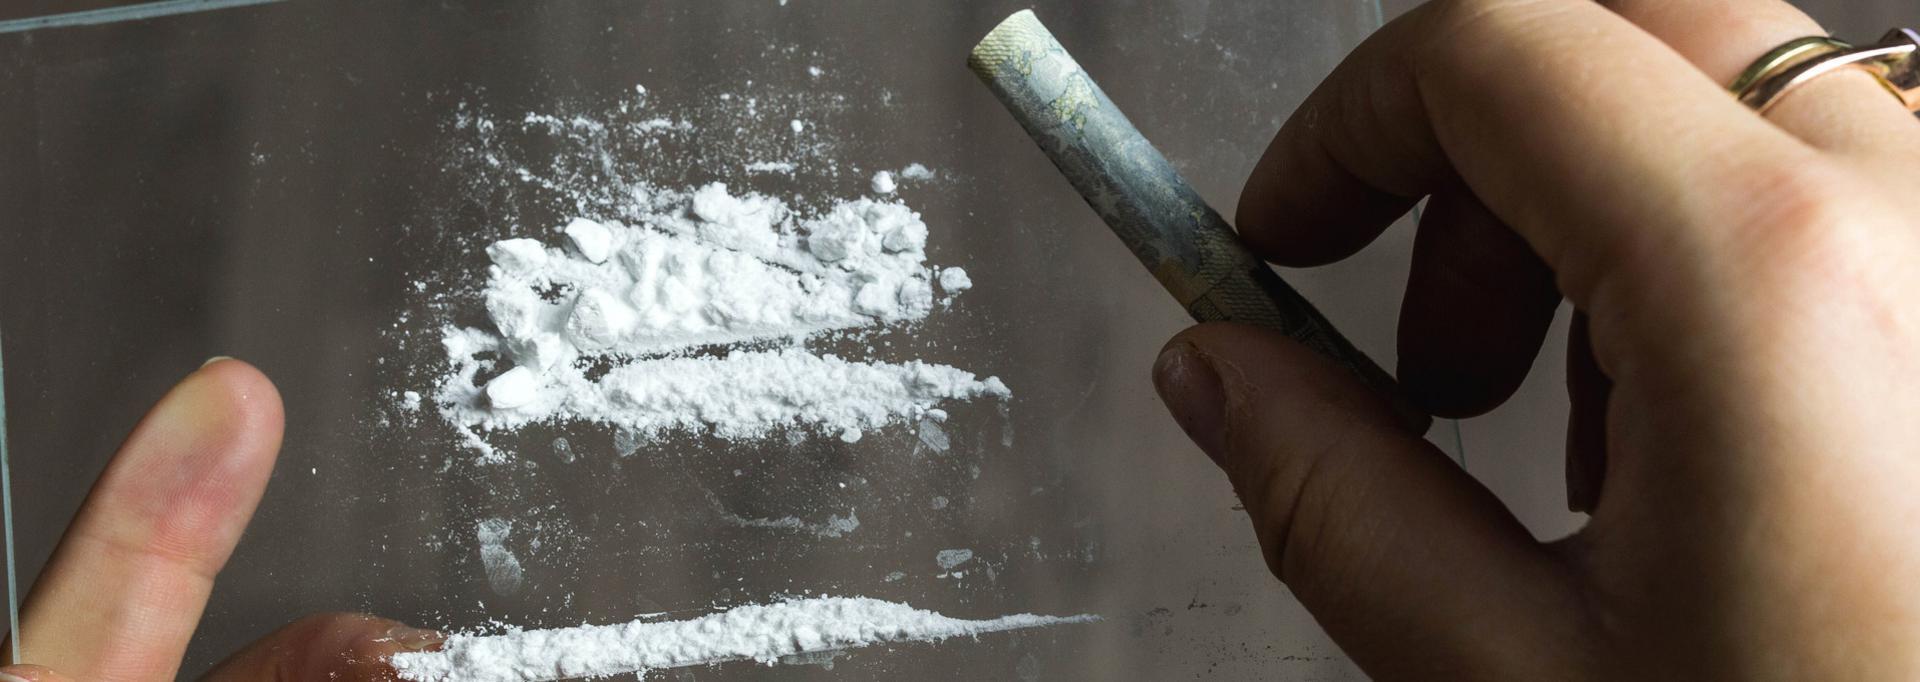 Cocaine - info-hero